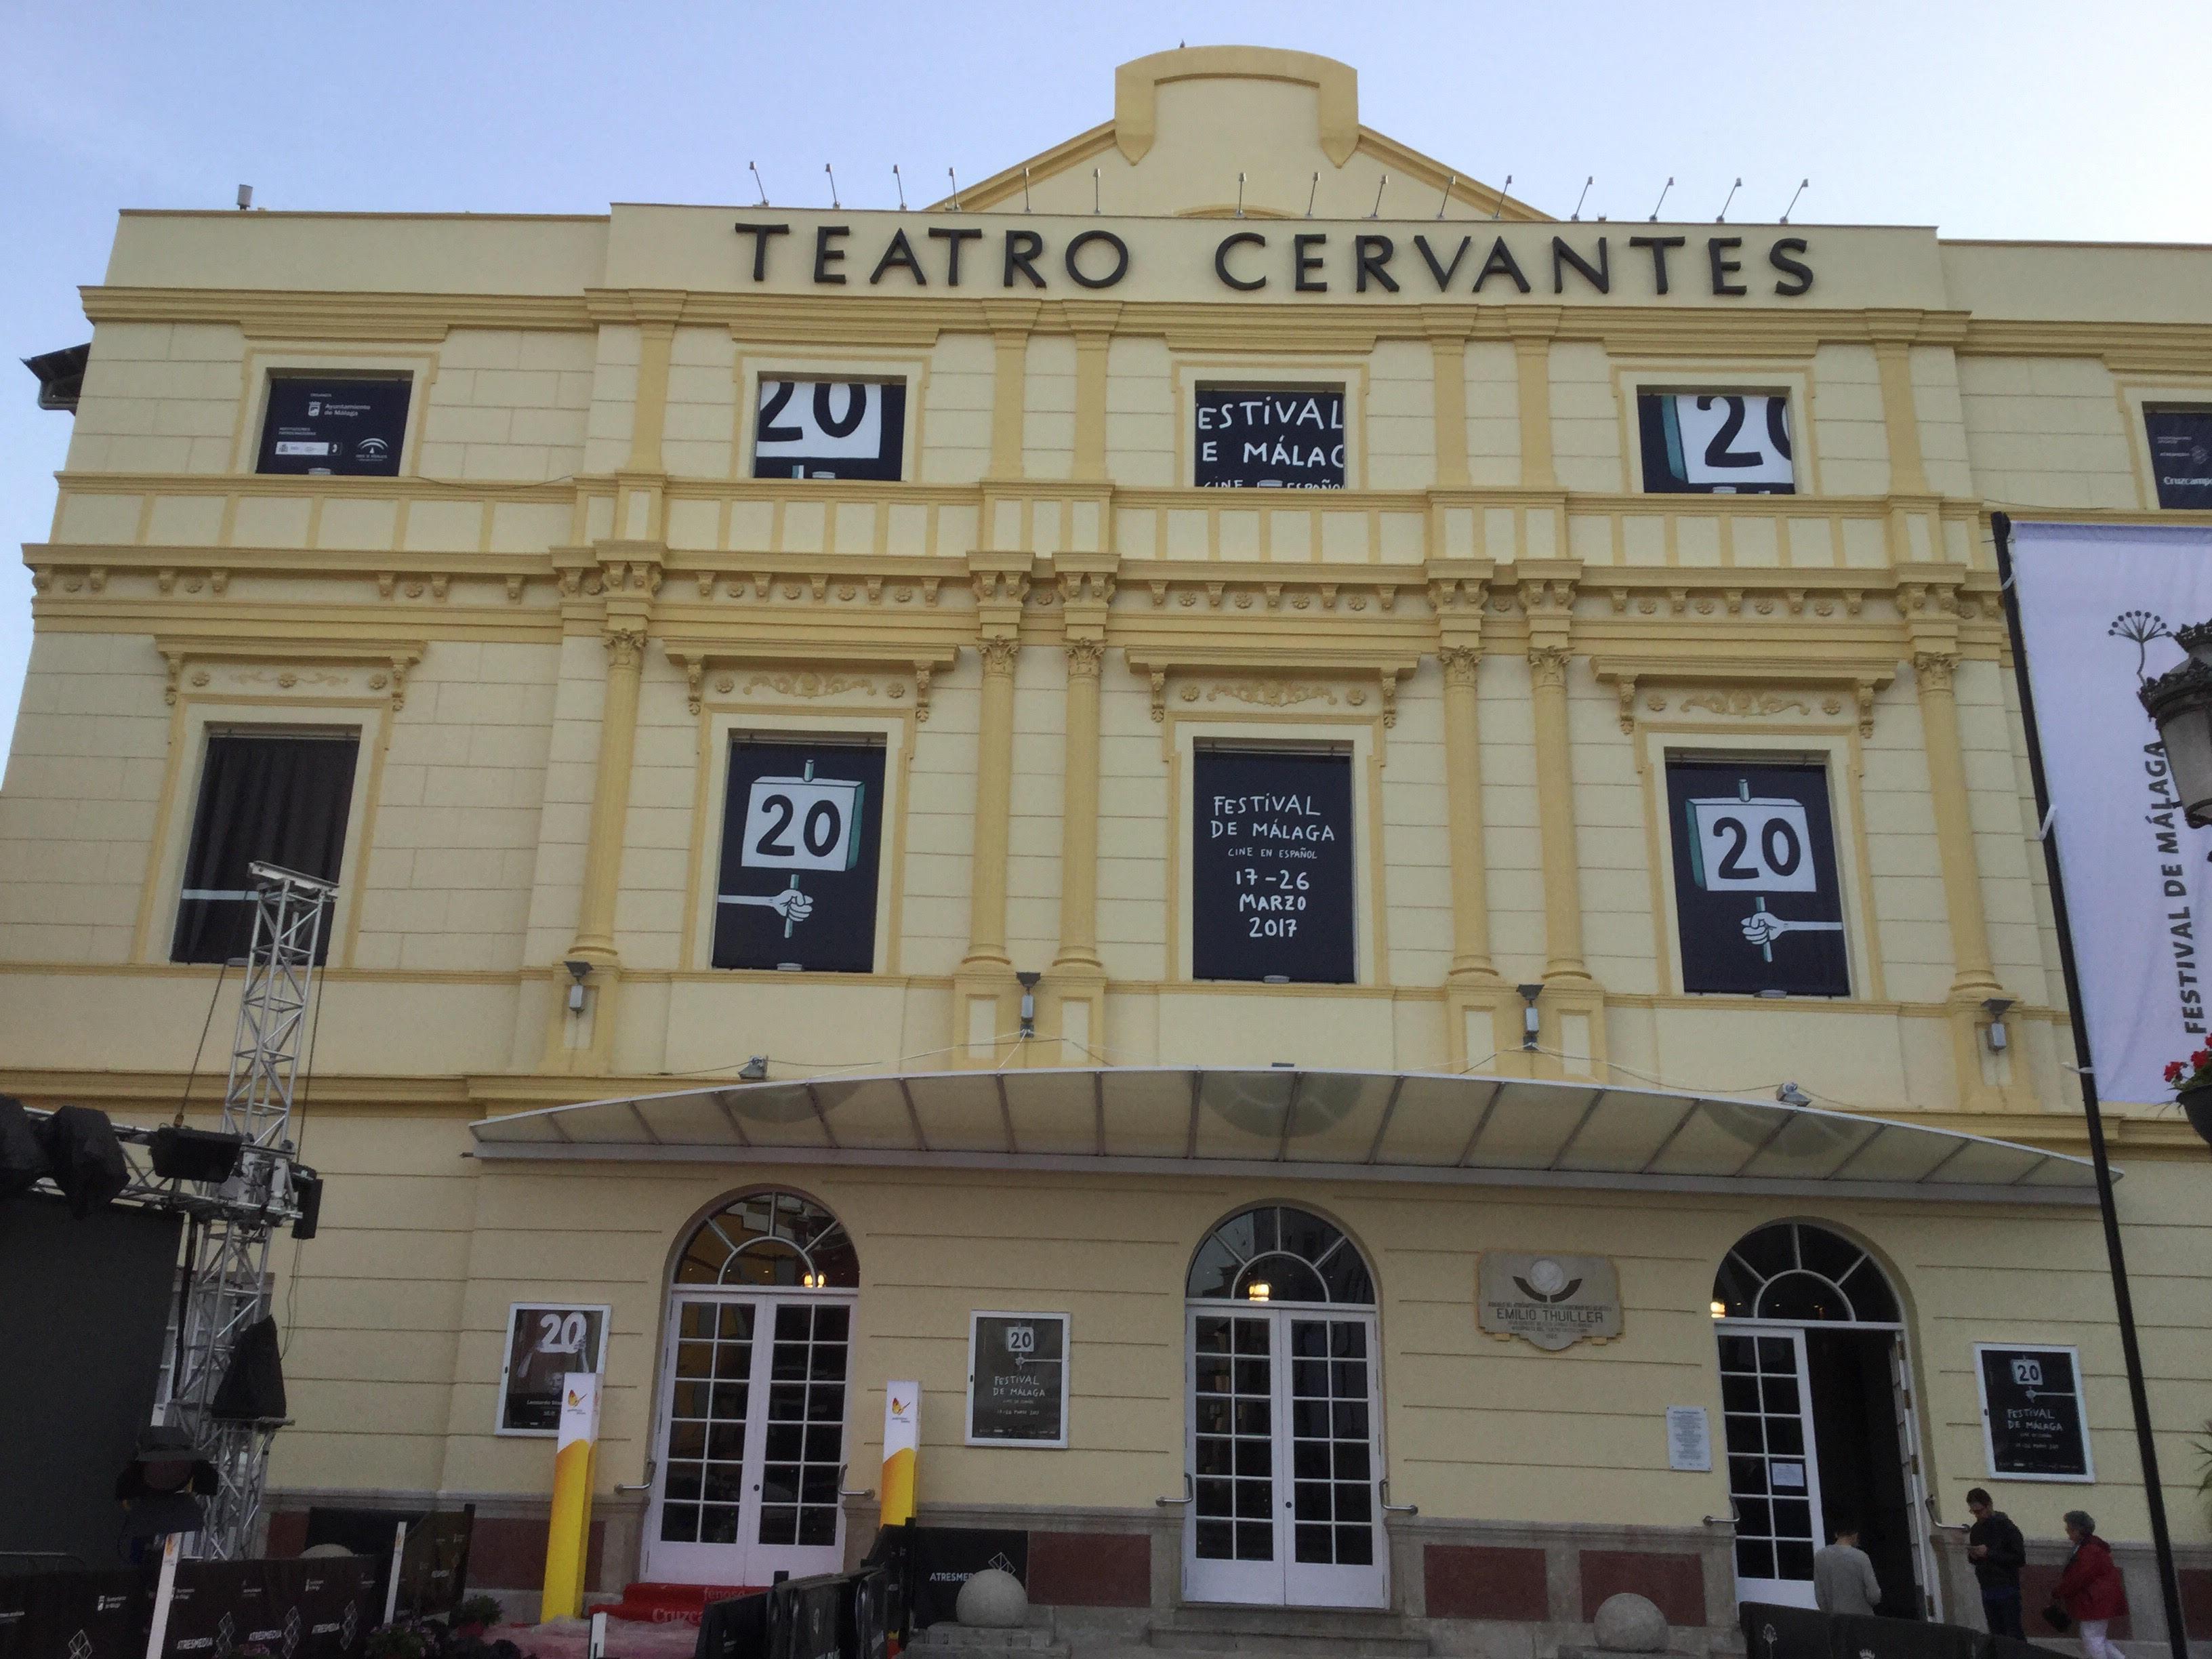 Diario lunático del 20 Festival de Málaga – Cine en español (y 2). José Manuel Cruz.